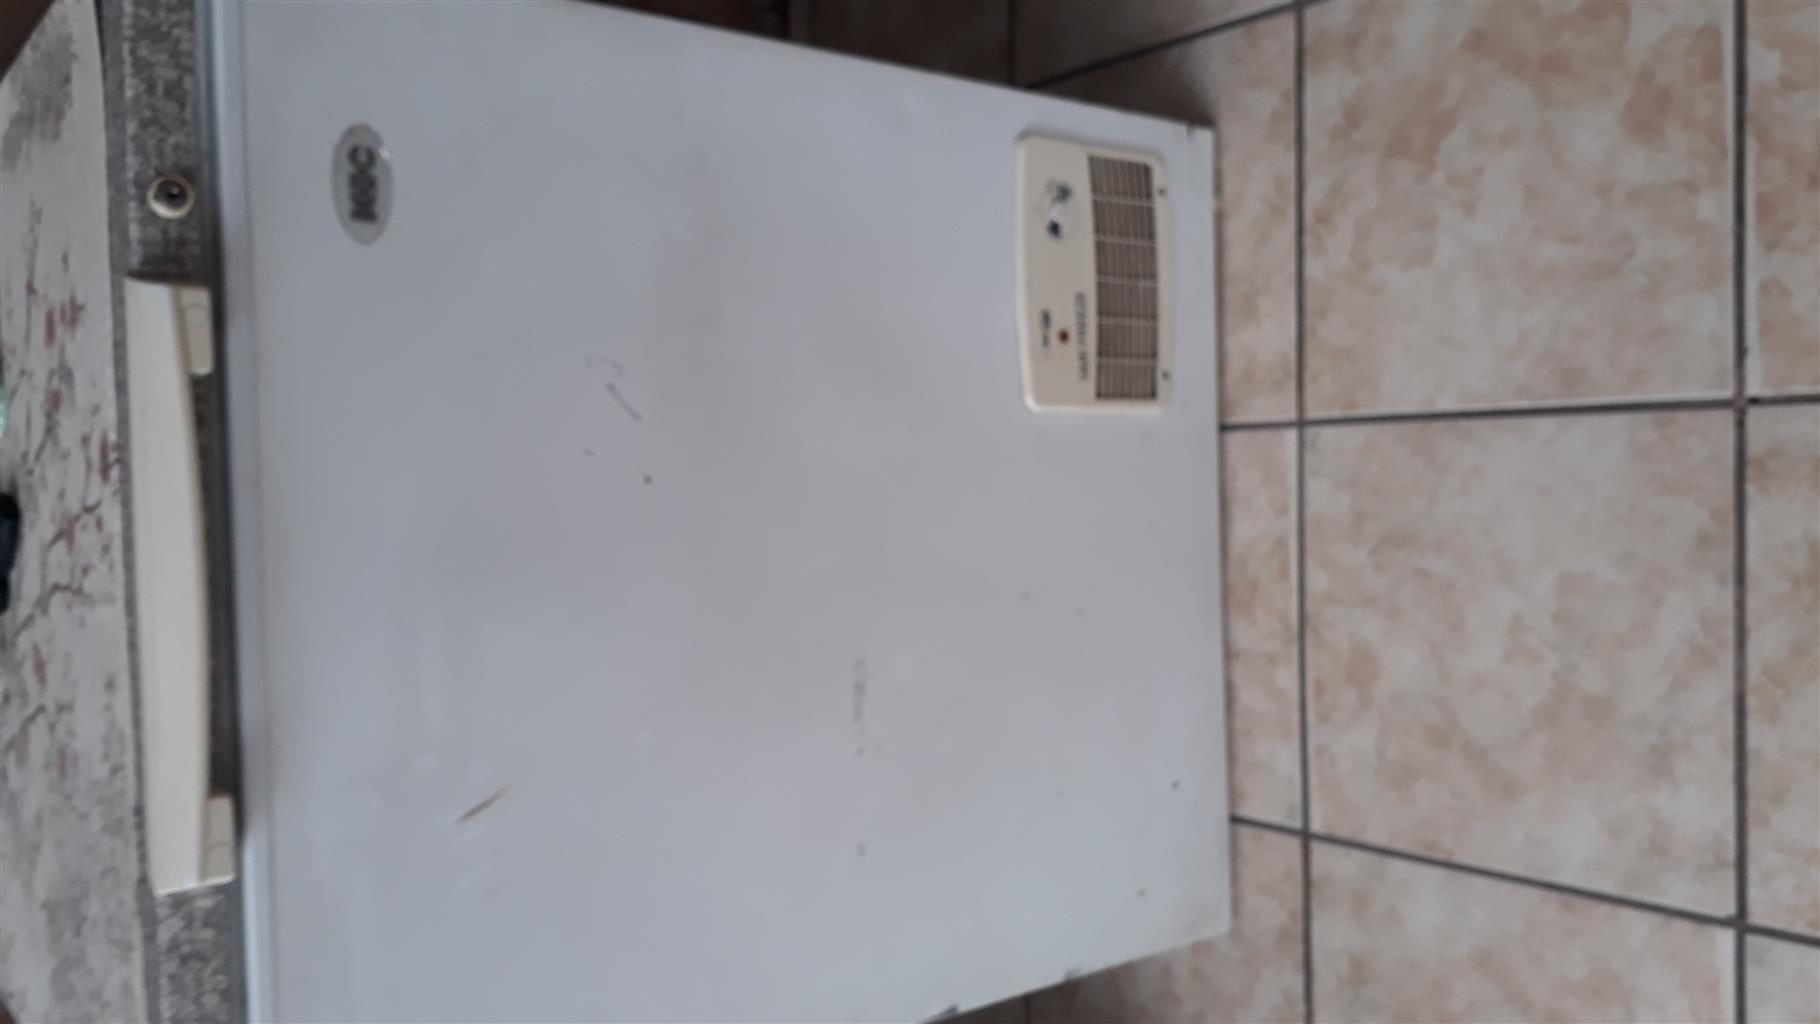 Repair of fridge freezers